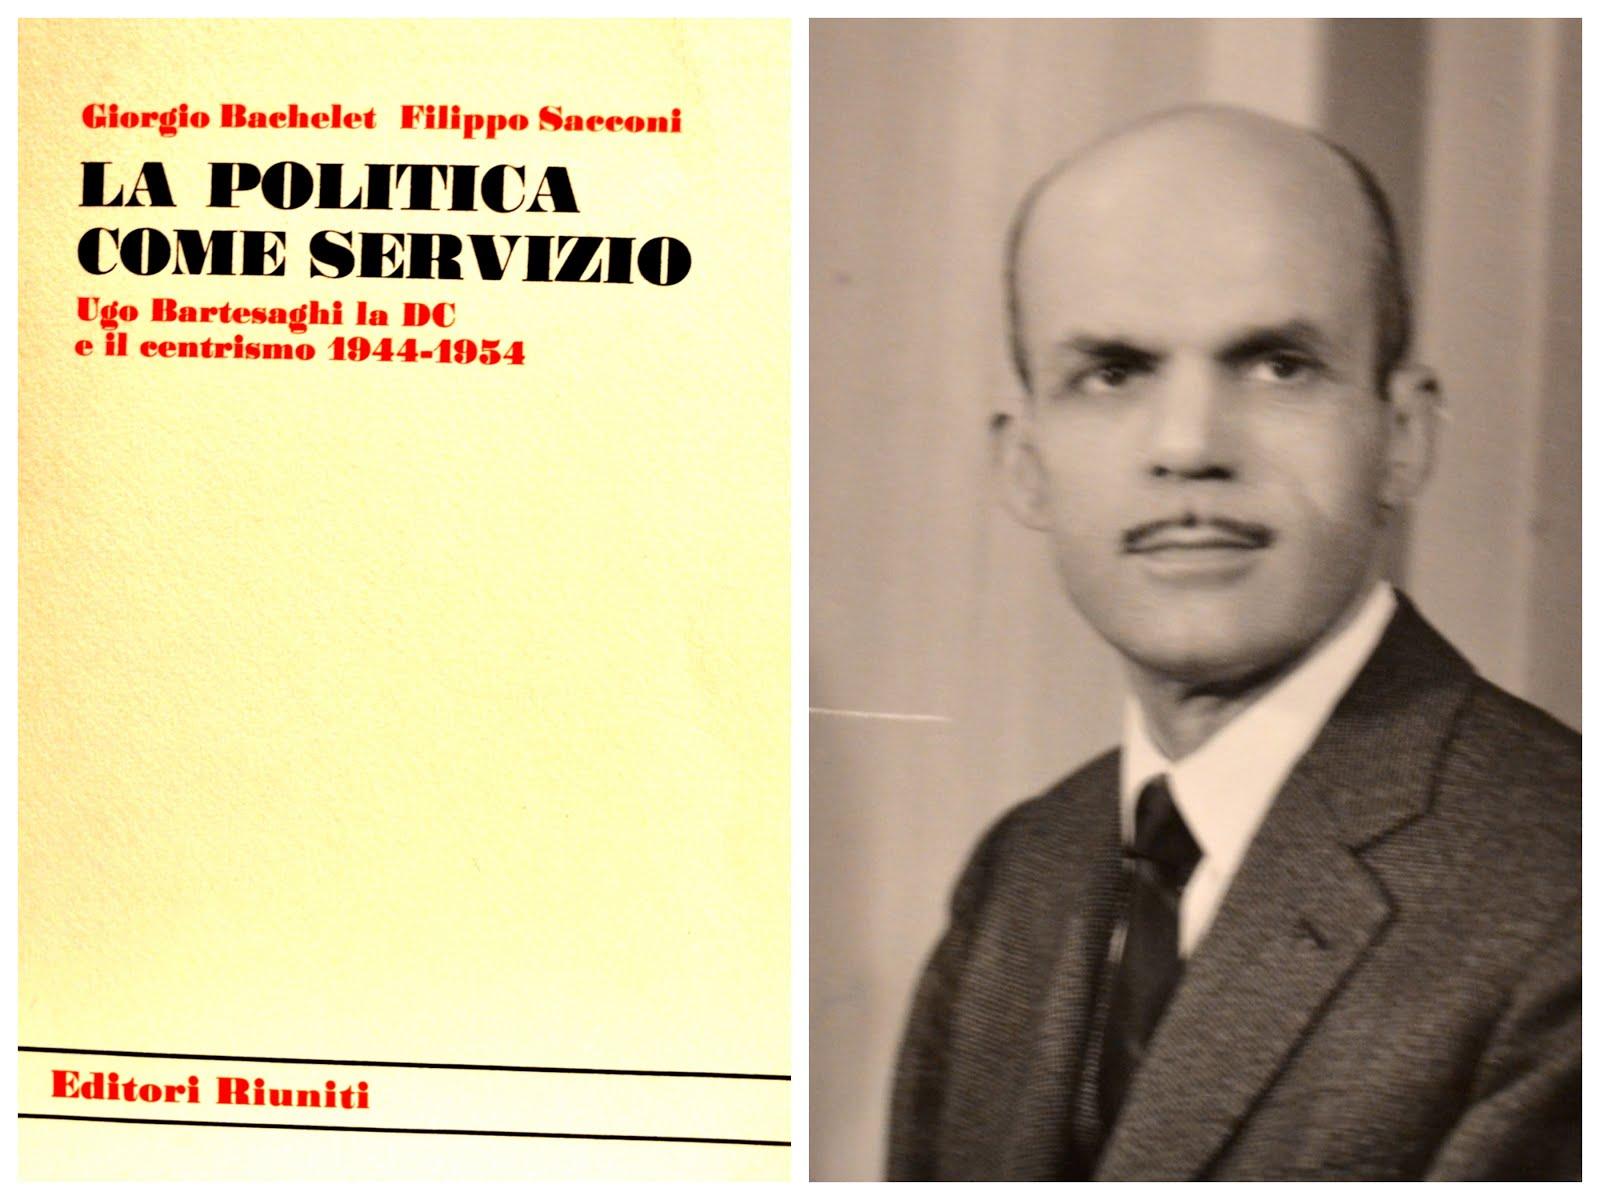 Ugo Bartesaghi e la politica come servizio